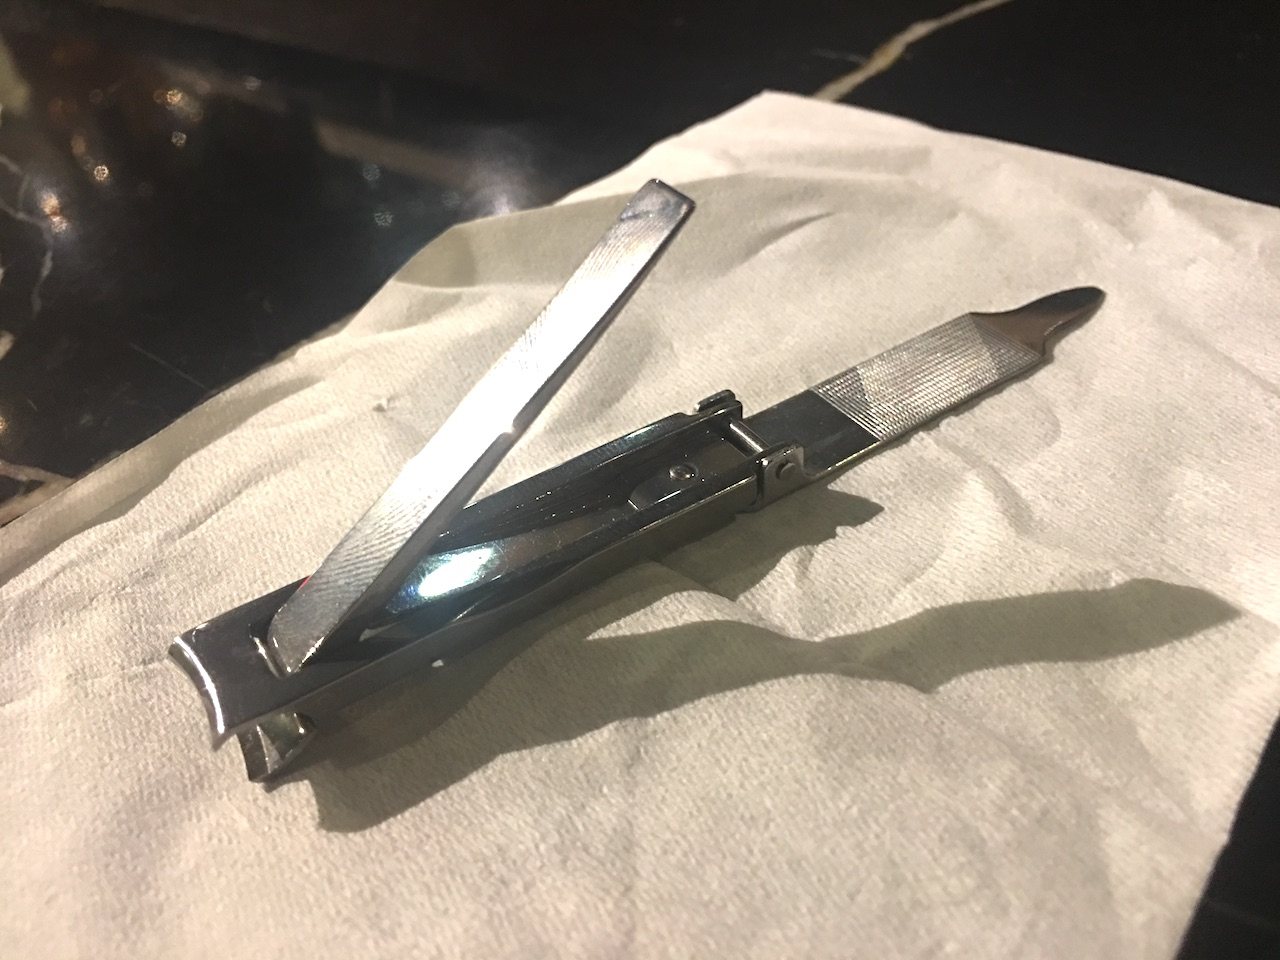 Shanghai nail cutter 02